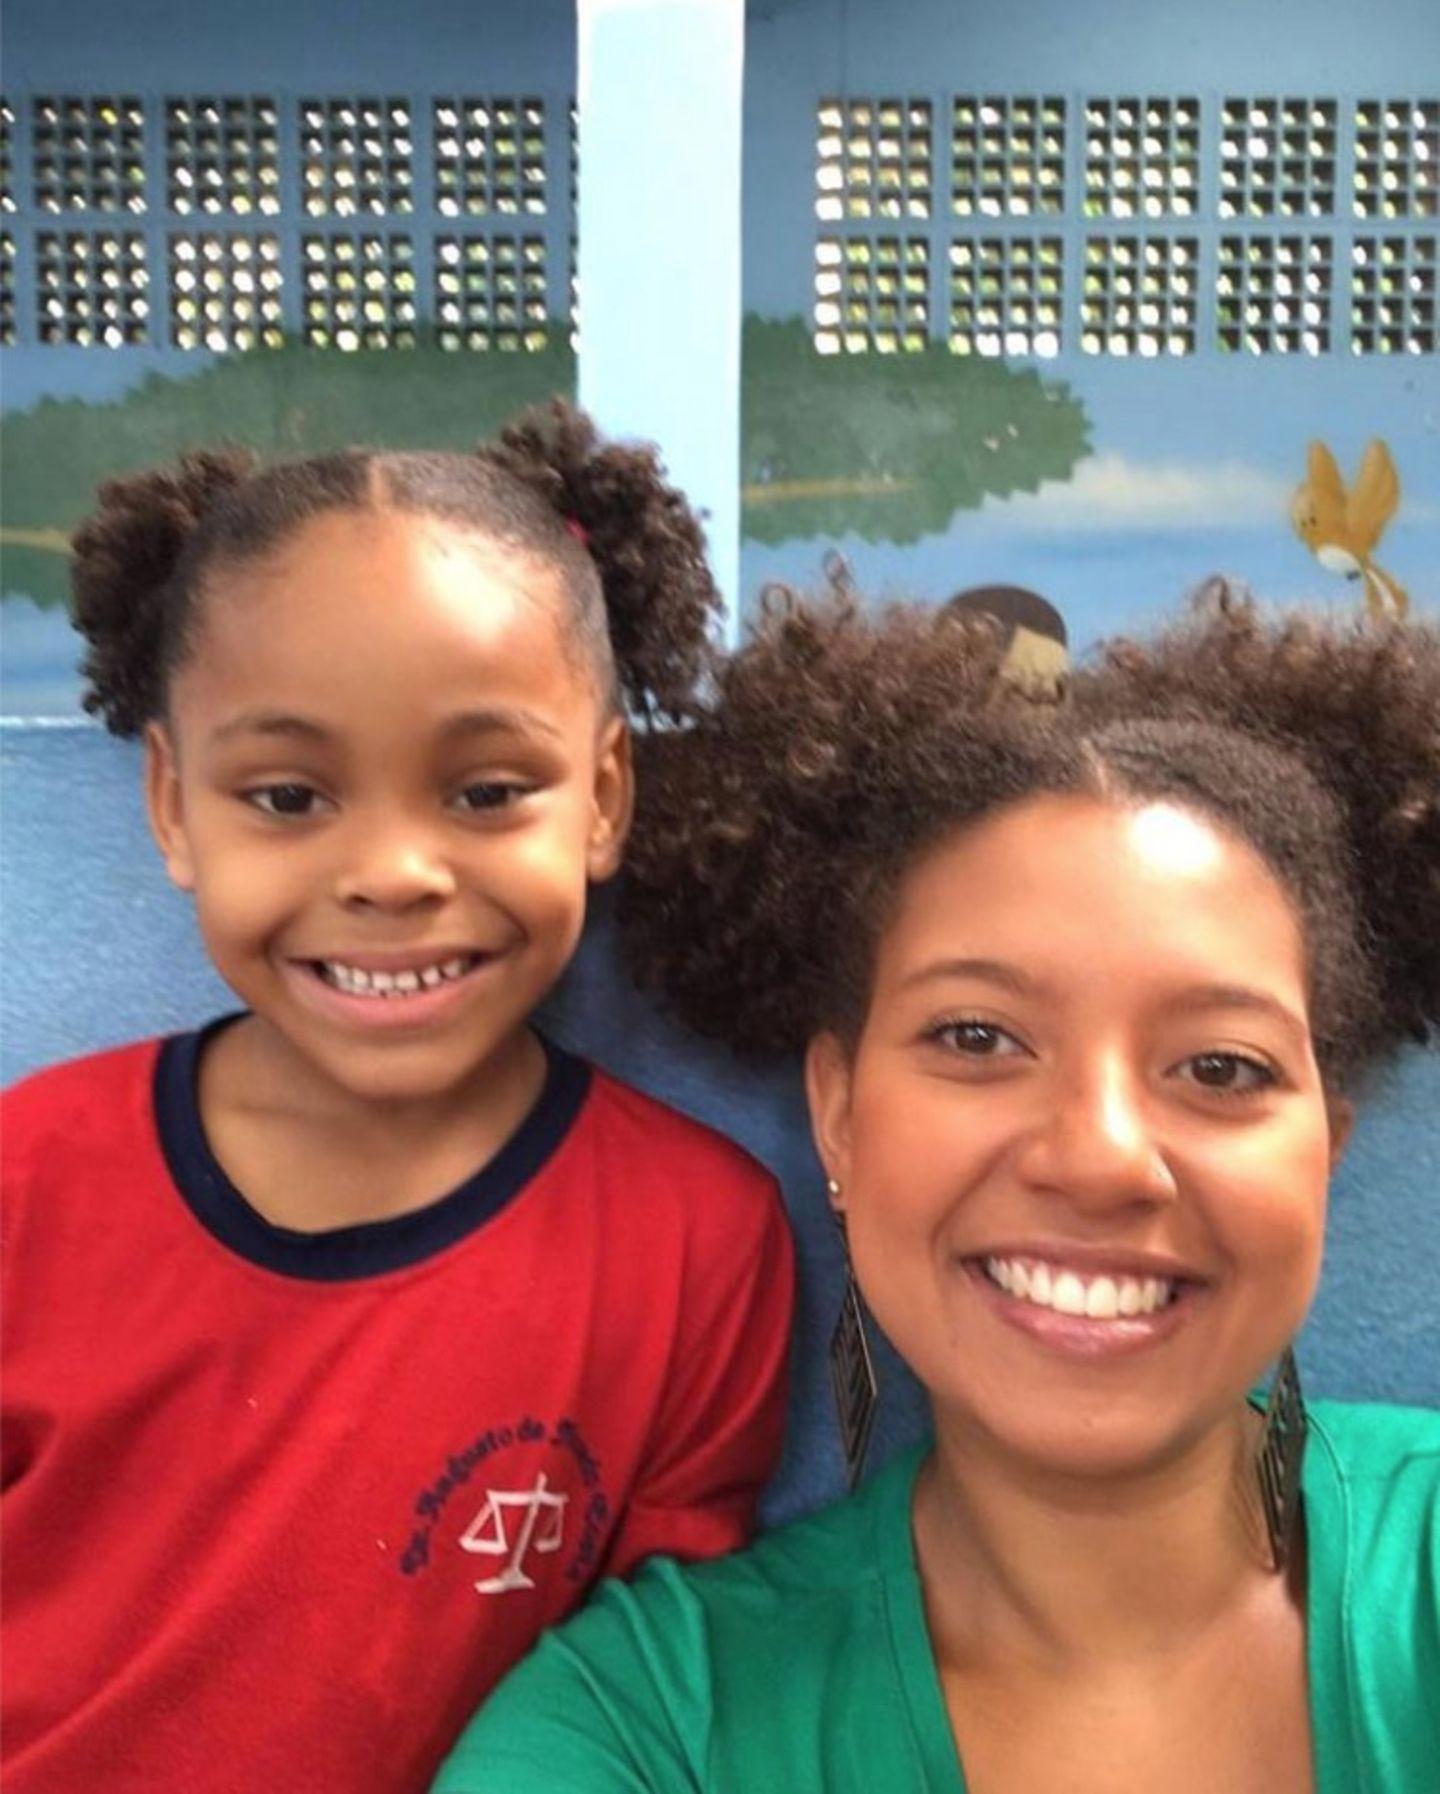 Dieses Foto, von sich und ihrer Schülerin, postete die brasilianische LehrerinAna Bárbara Ferreira auf ihrem Facebook-Account. Die Geschichte dahinter ist rührend.